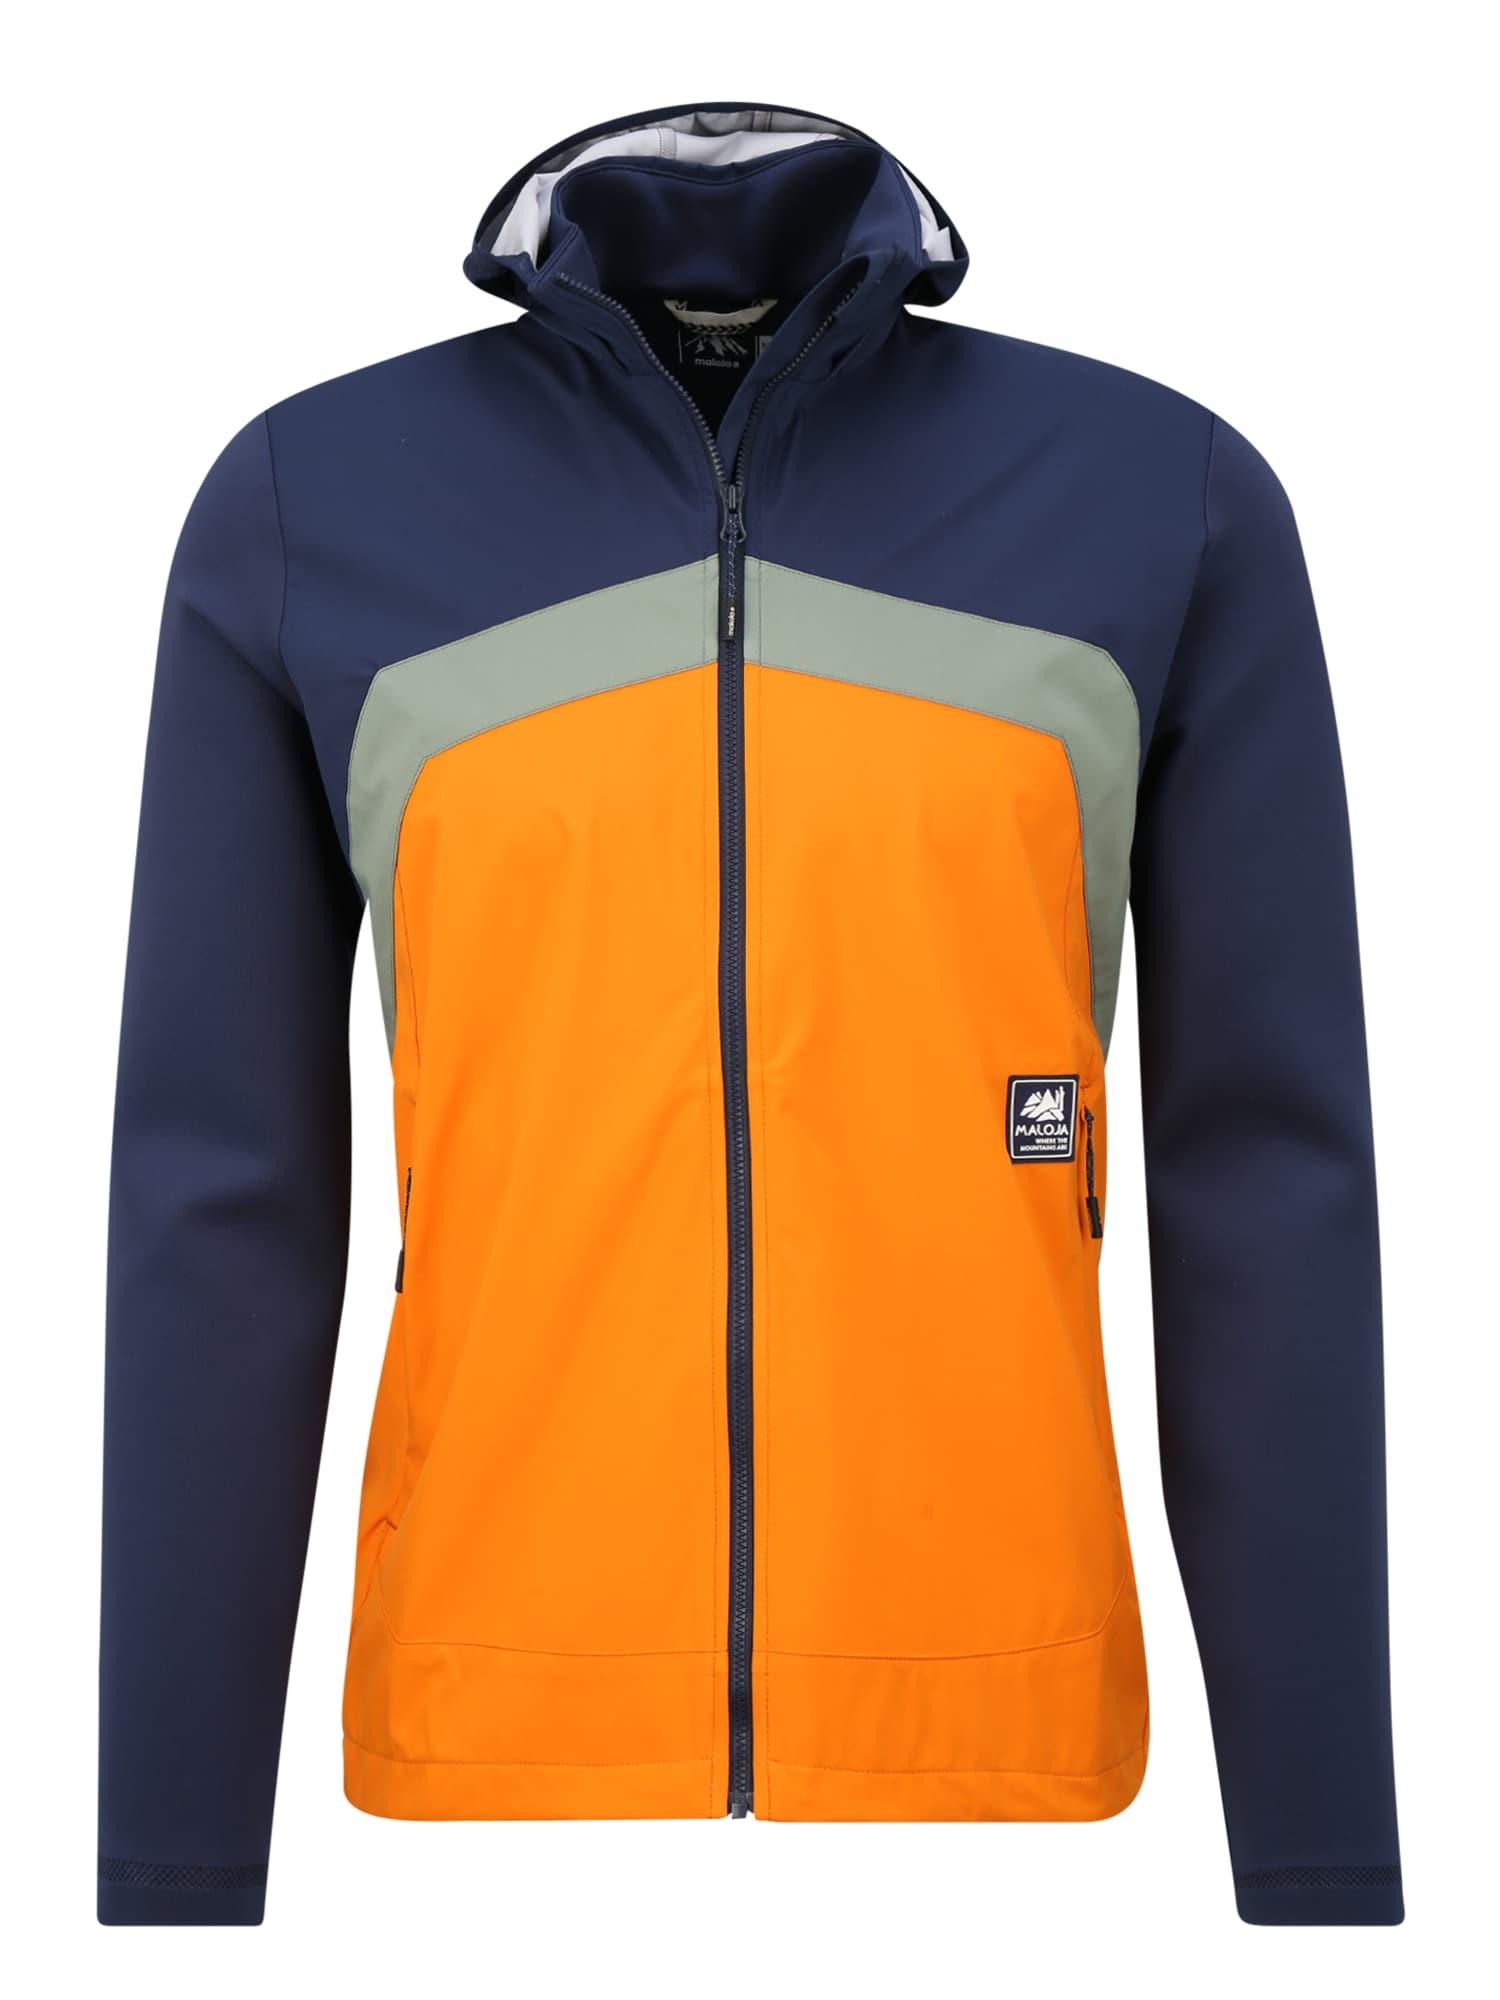 Maloja Sportinė striukė nakties mėlyna / oranžinė